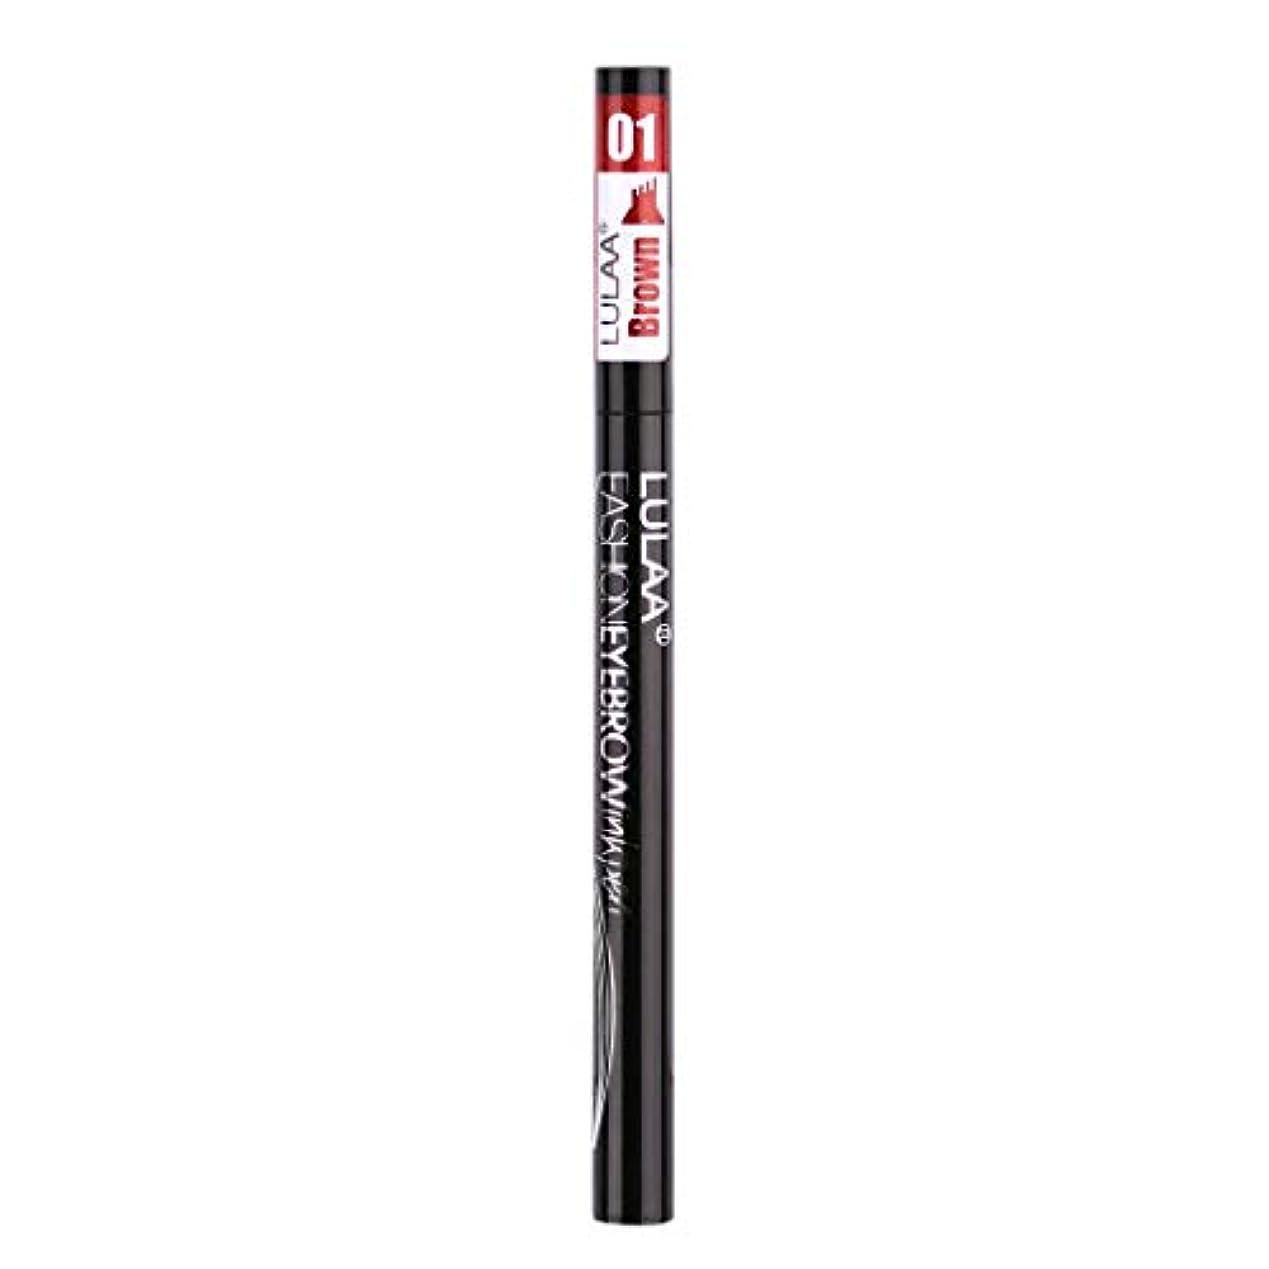 すでにタックル消防士着色すること容易な咲かない永続的な液体の眉毛の鉛筆